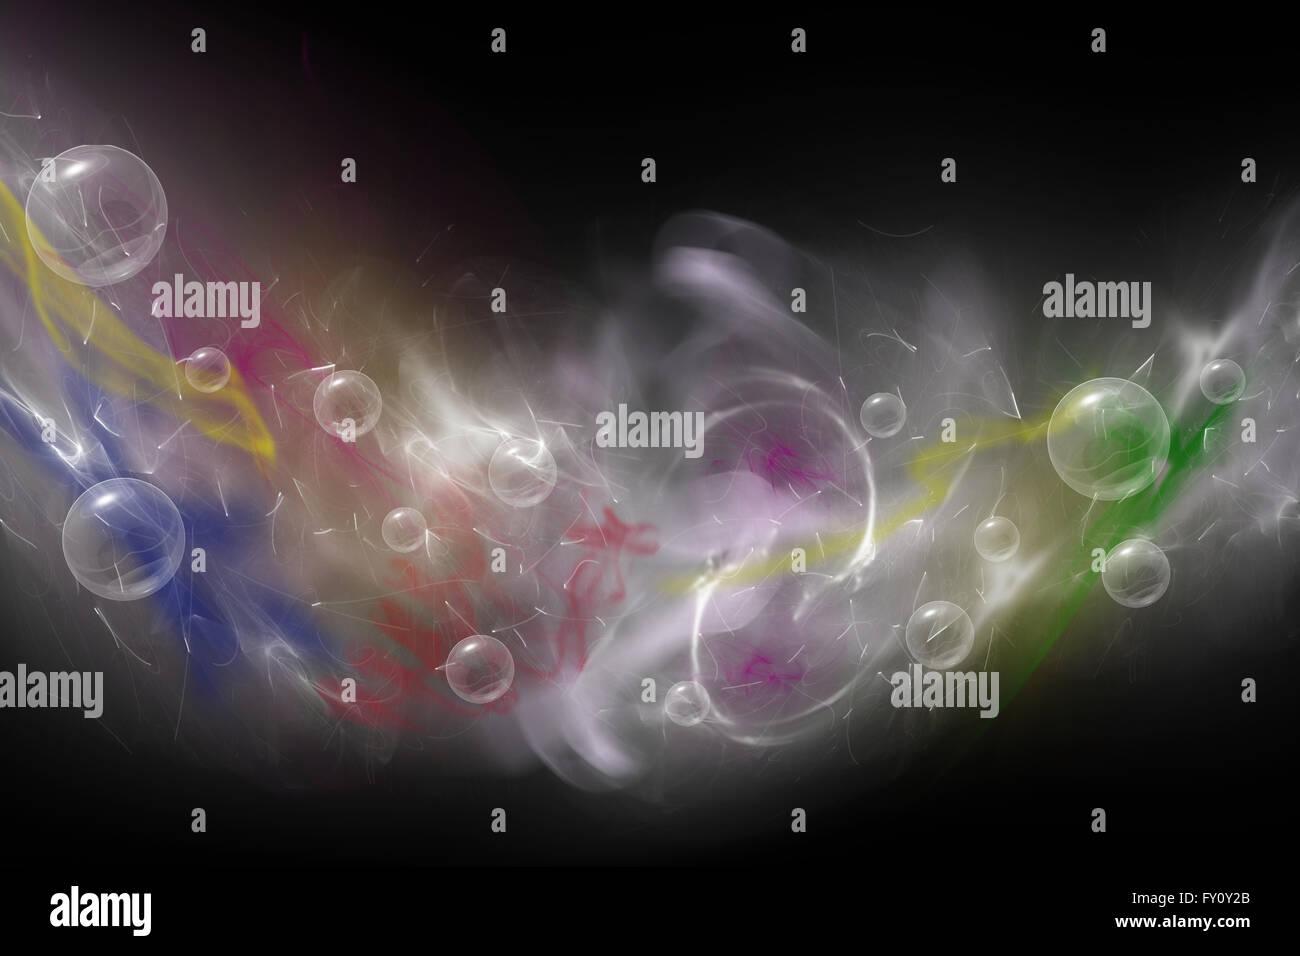 Abstrakt setzt sich aus farbigen unkonzentriert Rauch, Licht und Objekten auf dem schwarzen Hintergrund. Stockbild